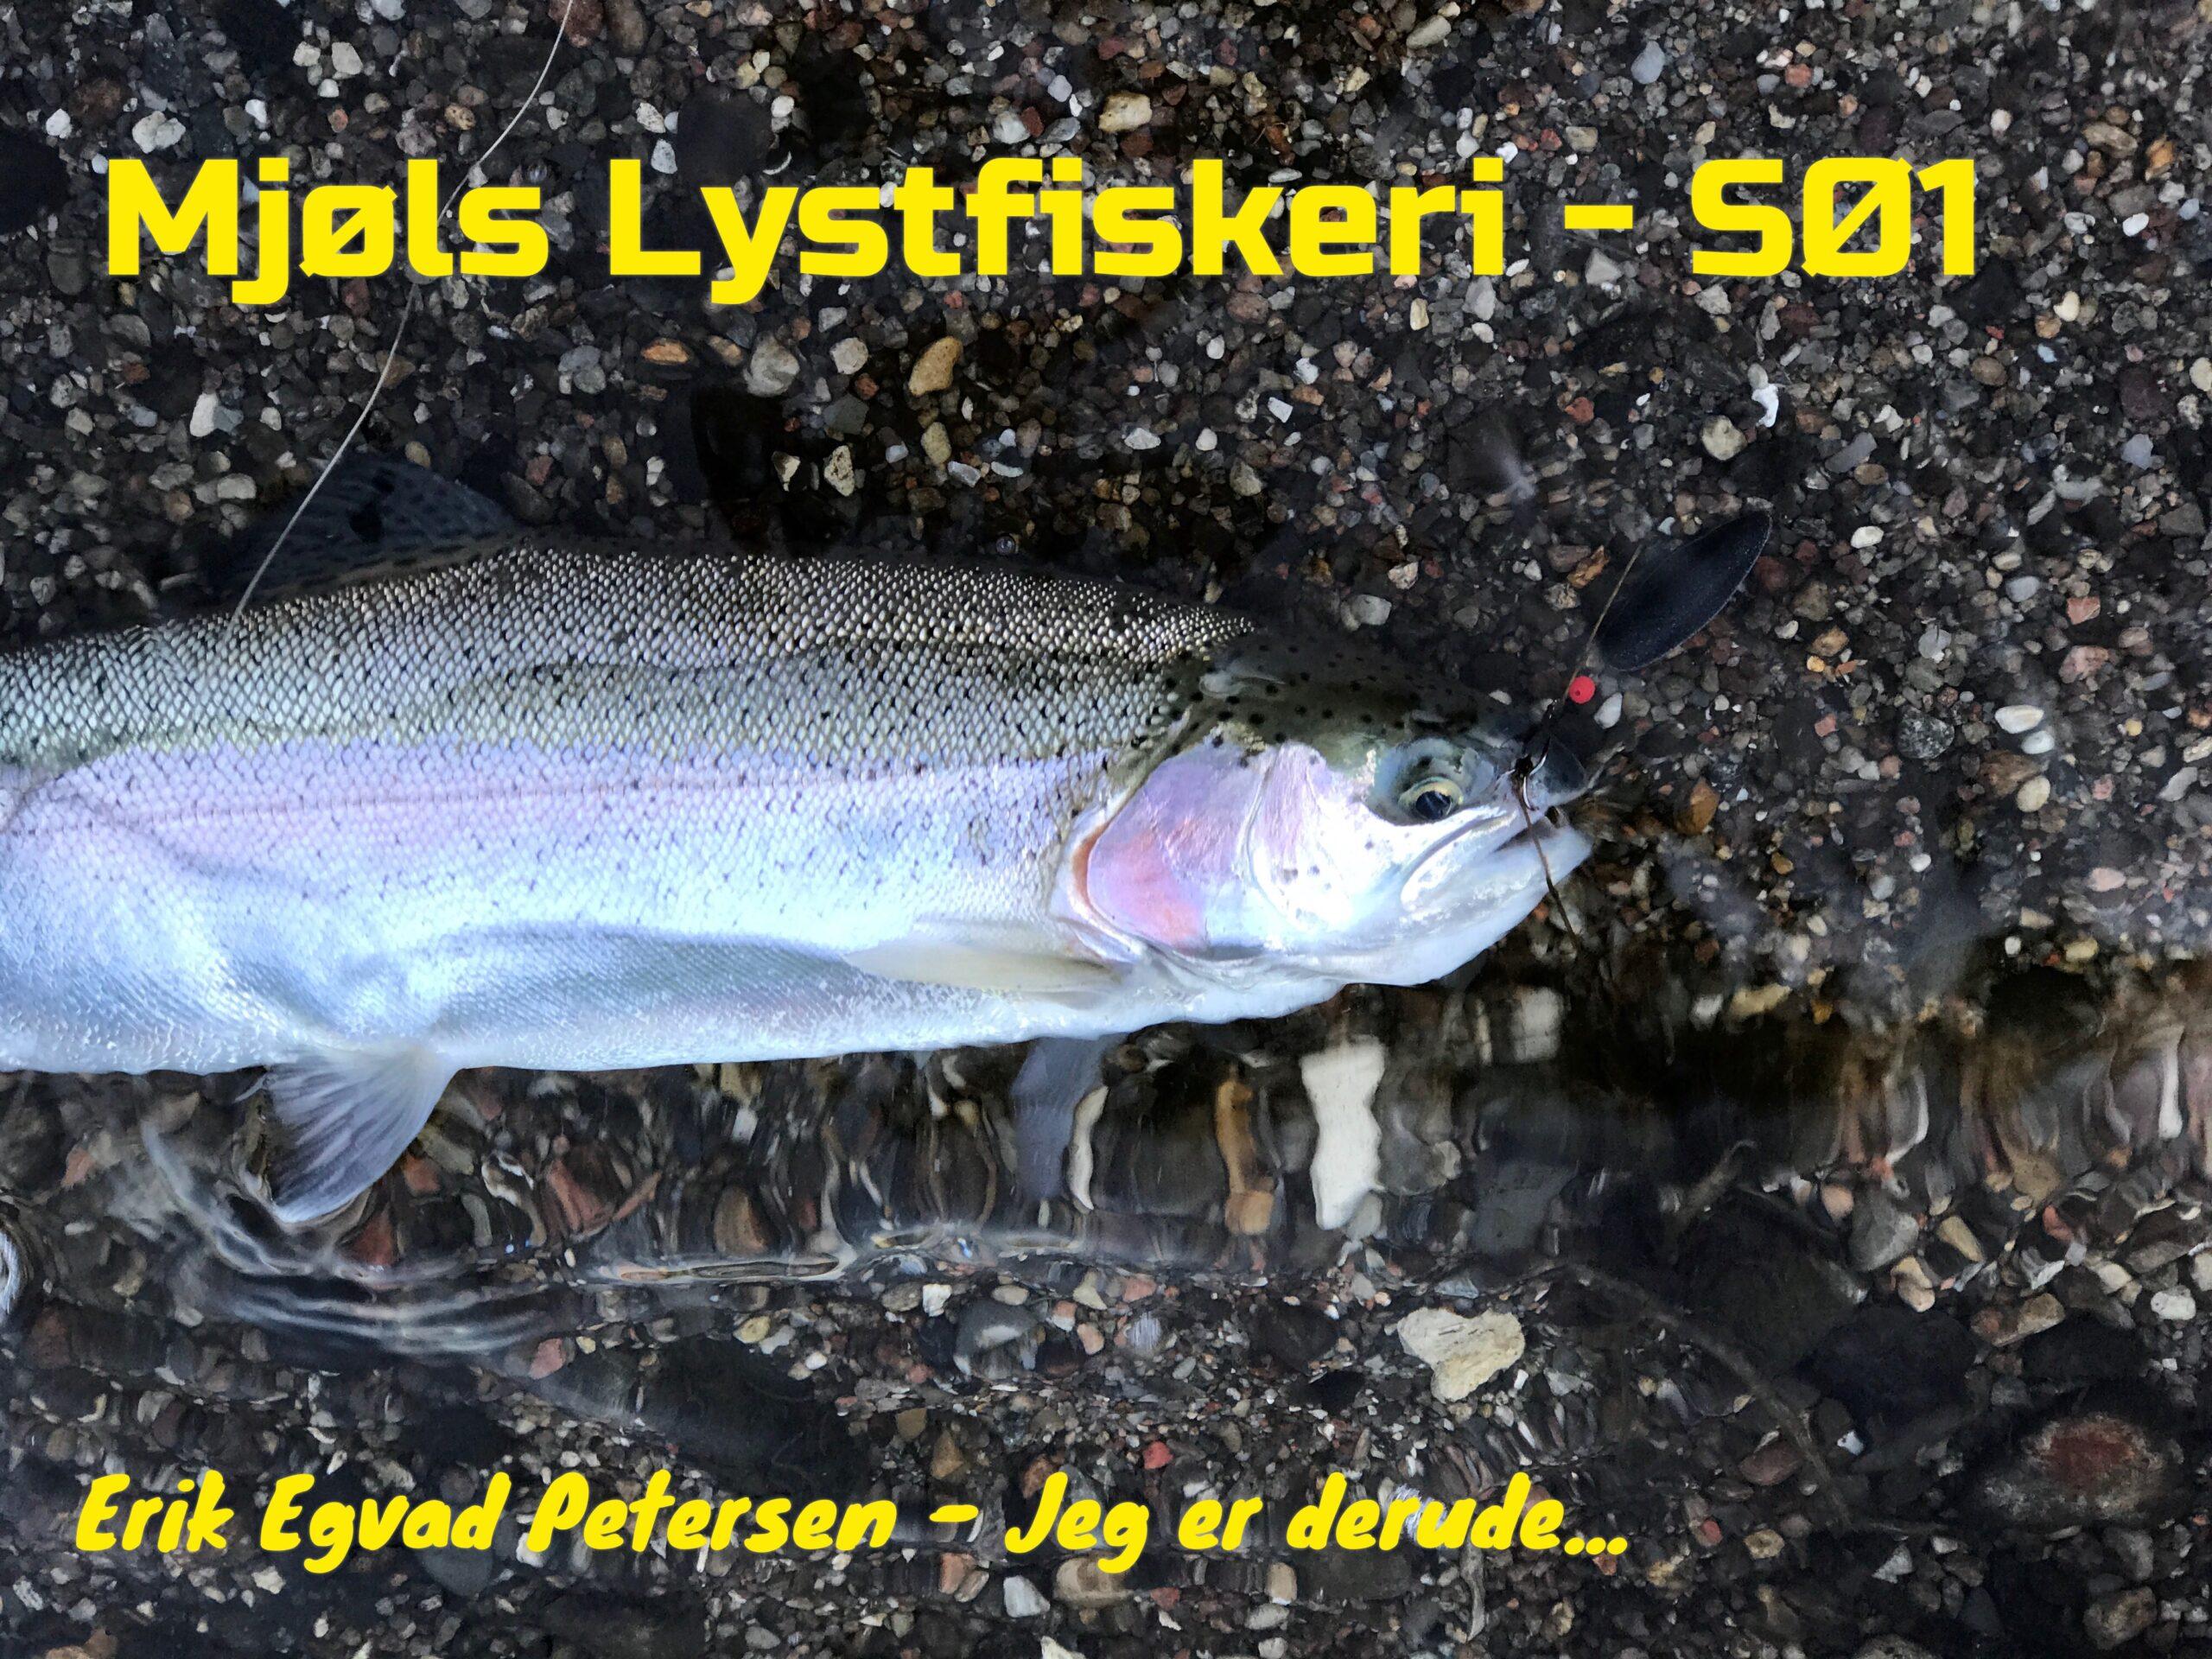 Søndagen starter godt i Mjøls Lystfiskeri SØ1